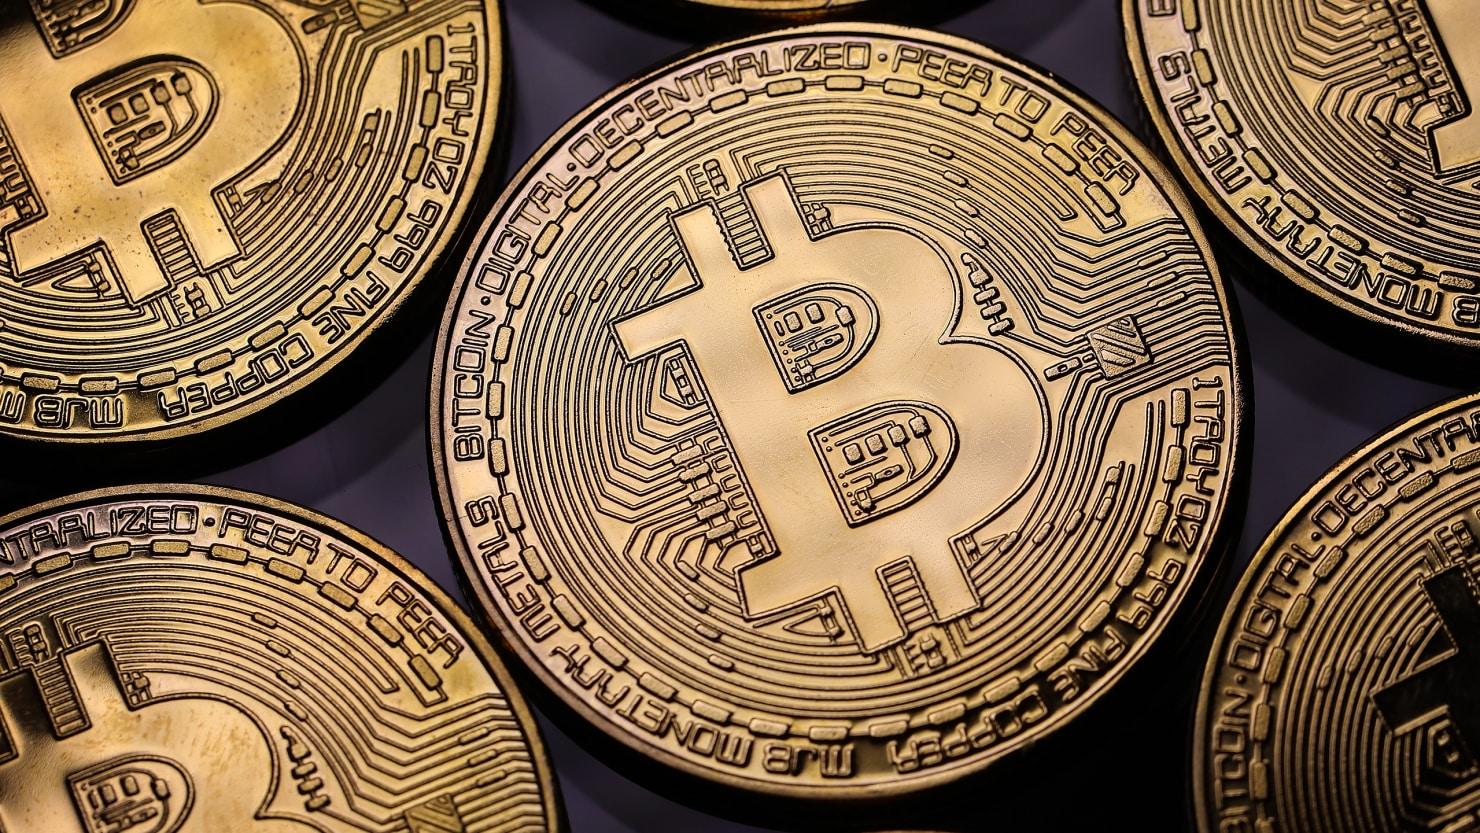 Comprare e vendere Bitcoin consigli per i millenial in cerca di sicurezza e guadagno - Bitcoin torna in rosso dopo che il presidente Trump ha firmato la controversa legge CLOUD